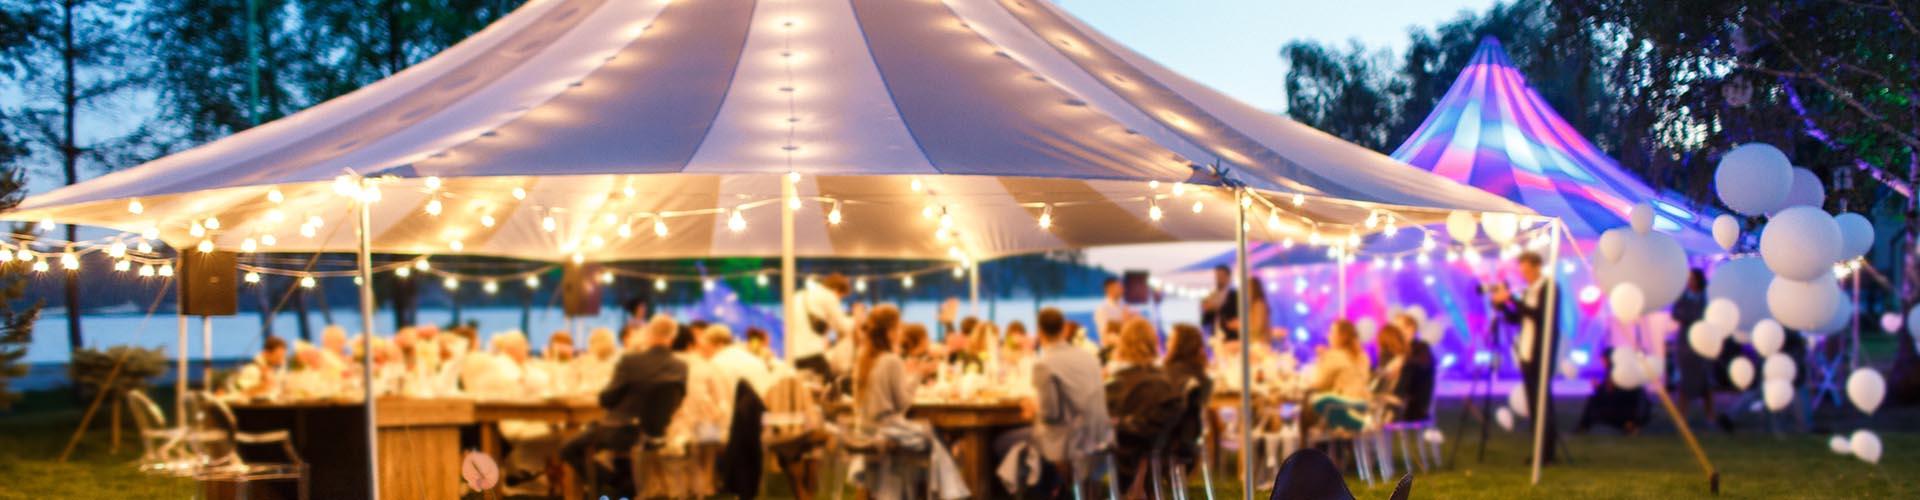 Hyra Partytält Stockholm | Tält till alla typer av fester